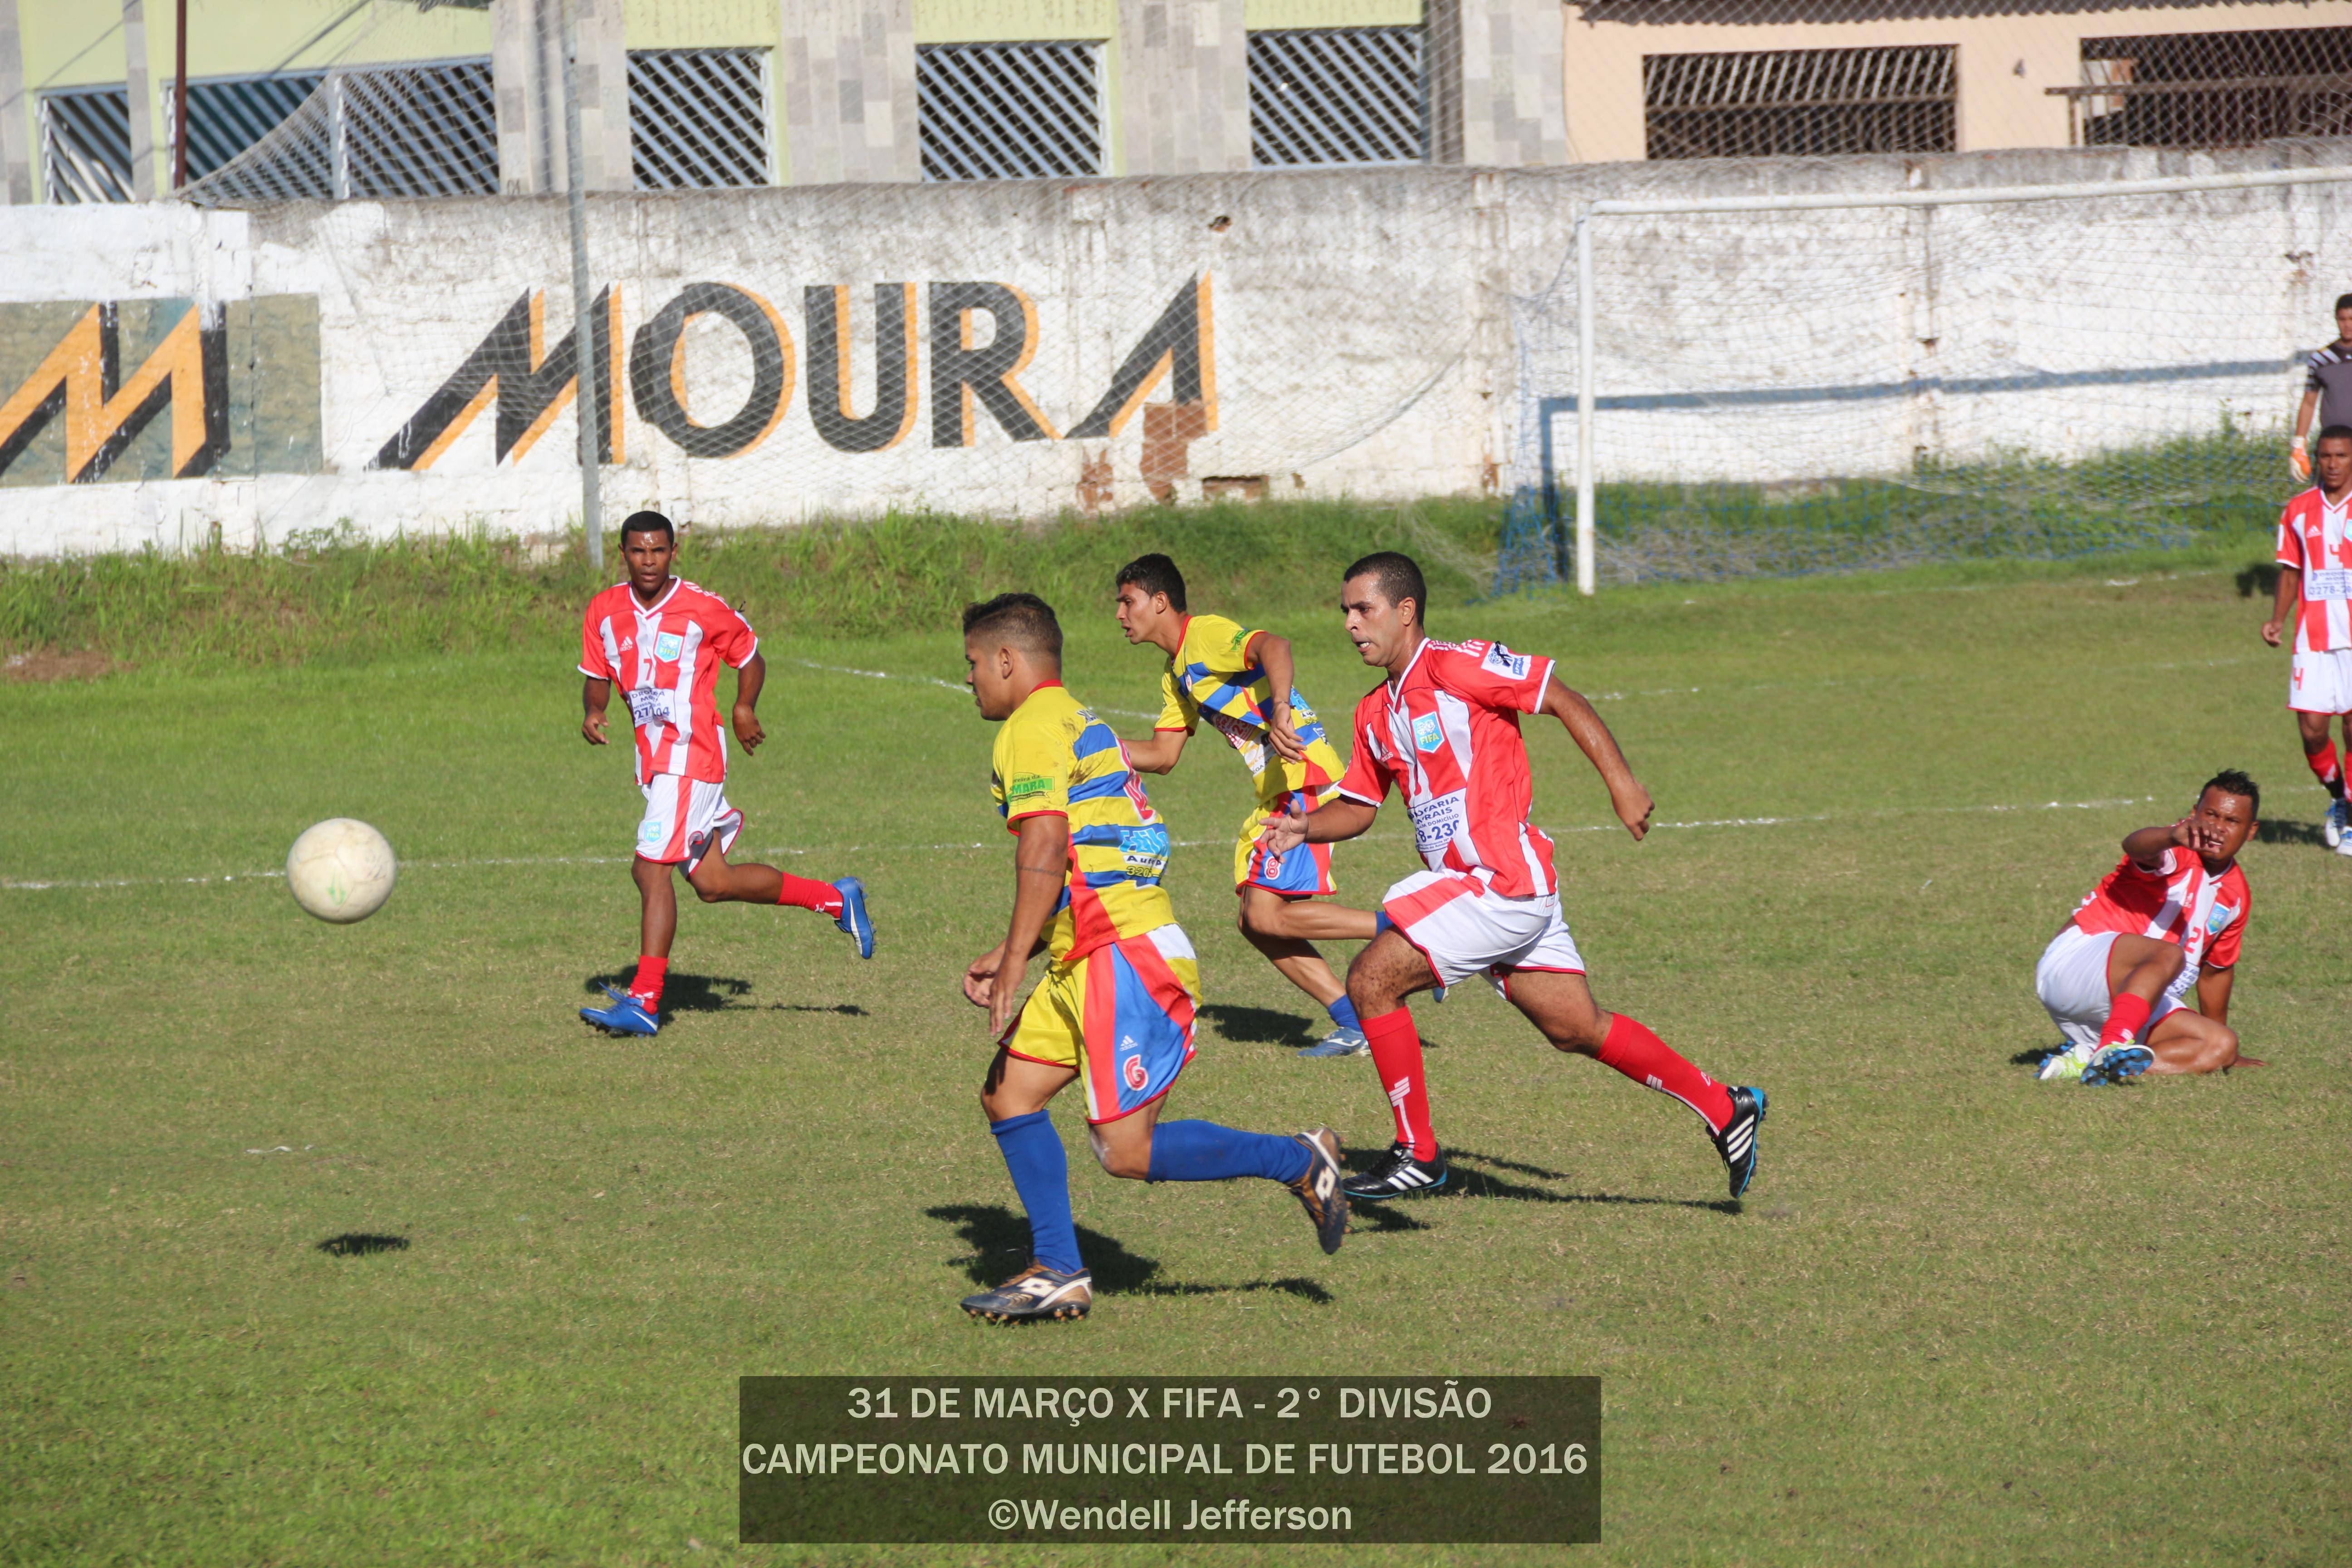 Fotos   31 de Março e FIFA abriram a segunda divisão do Campeonato Municipal em São Gonçalo